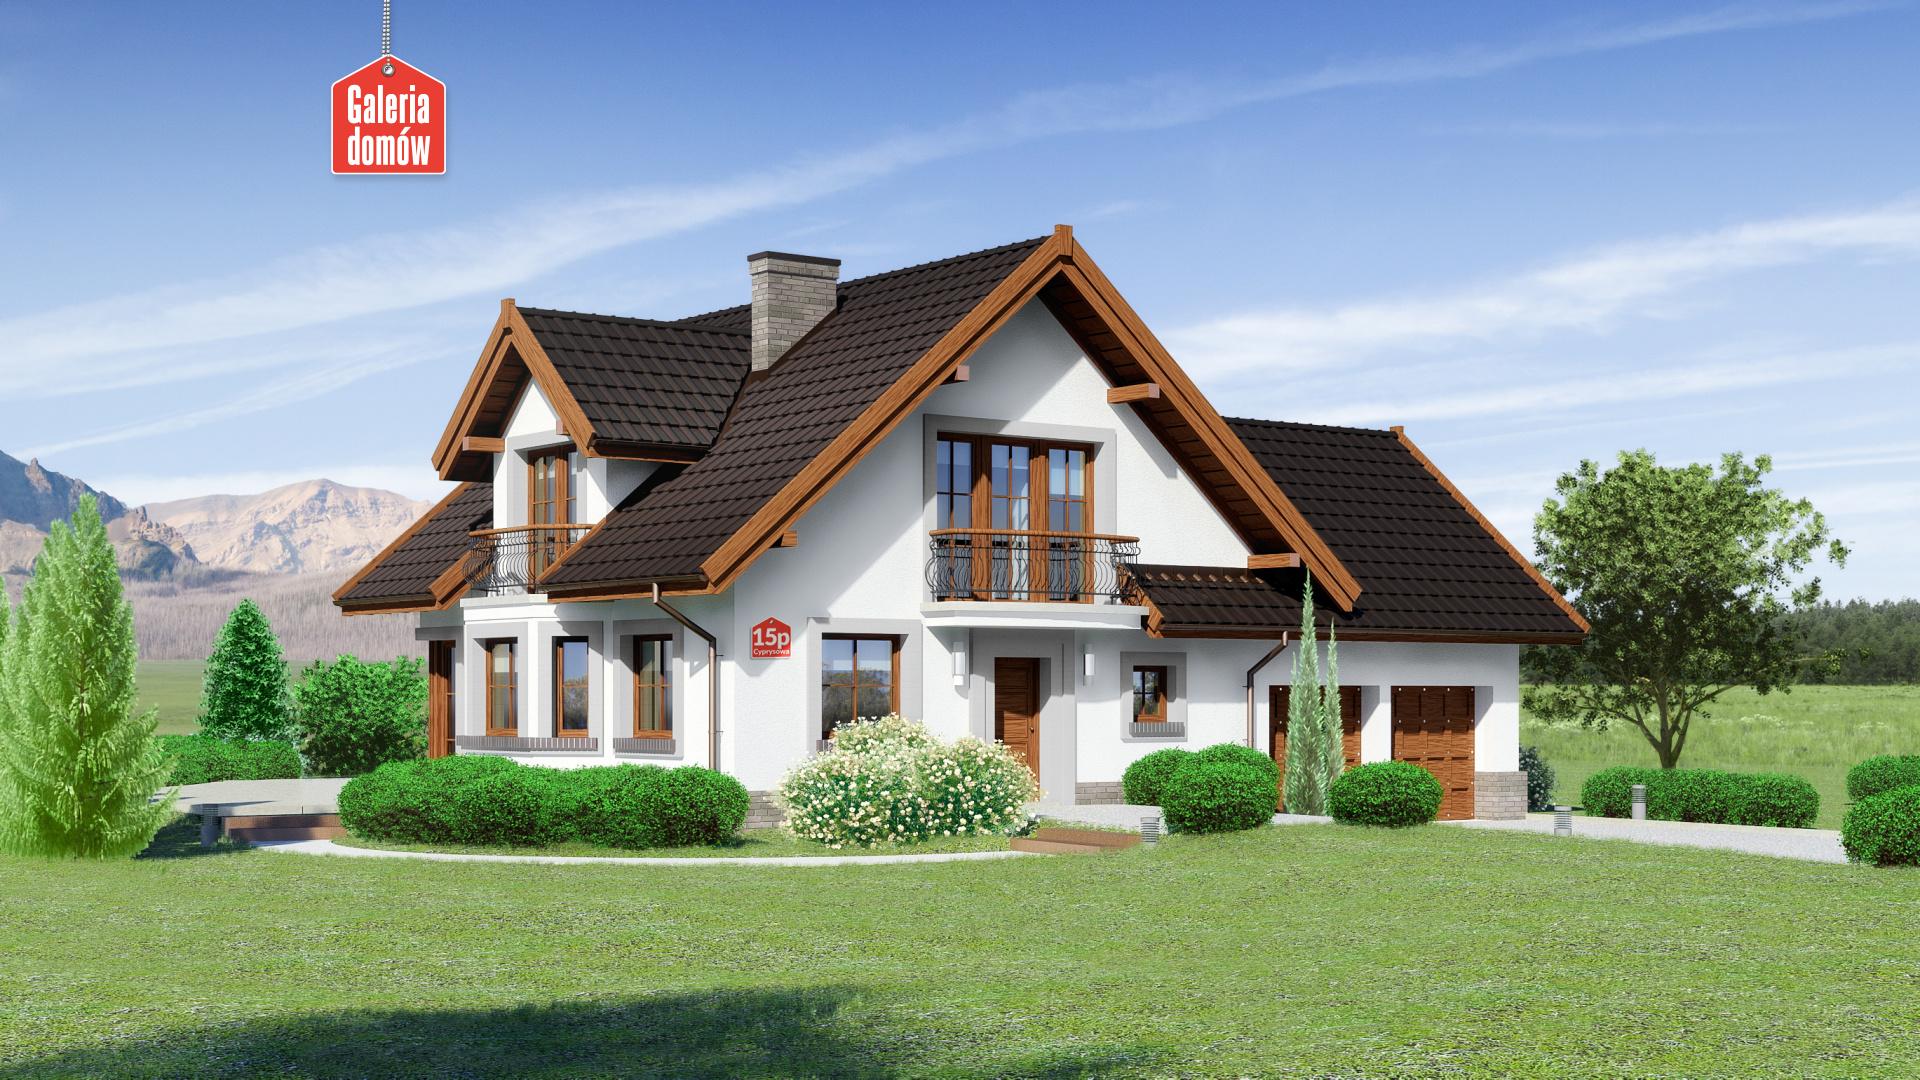 Dom przy Cyprysowej 15 P - zdjęcie projektu i wizualizacja